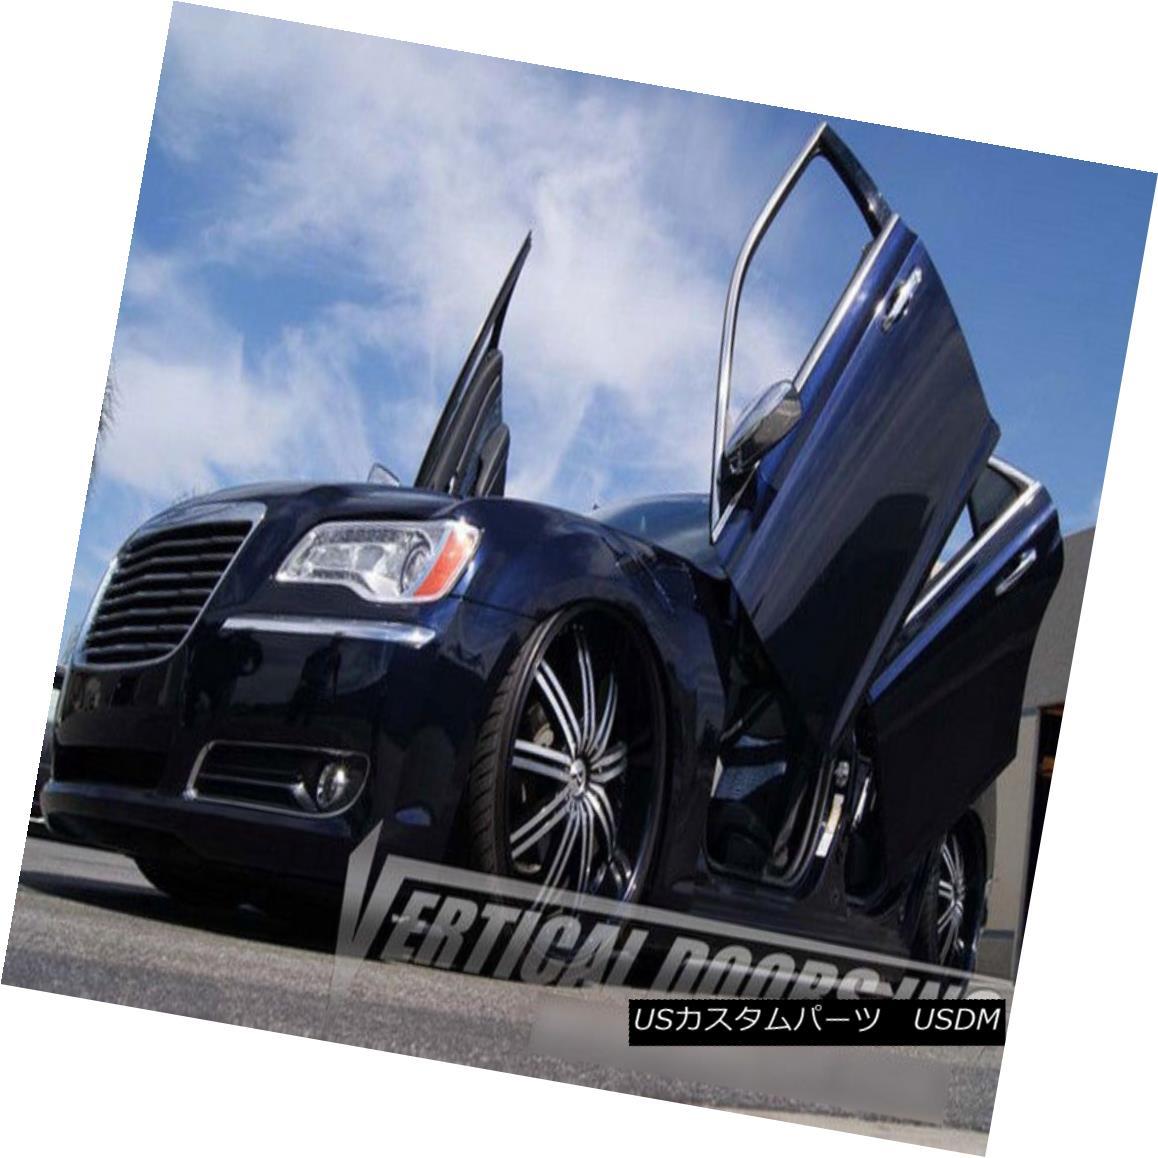 ガルウィングキット Vertical Doors Inc. Bolt-On Lambo Kit for Chrysler 300 11-UP Rear Vertical Doors Inc.クライスラー300 11-UPリア用Bolt-On Lamboキット